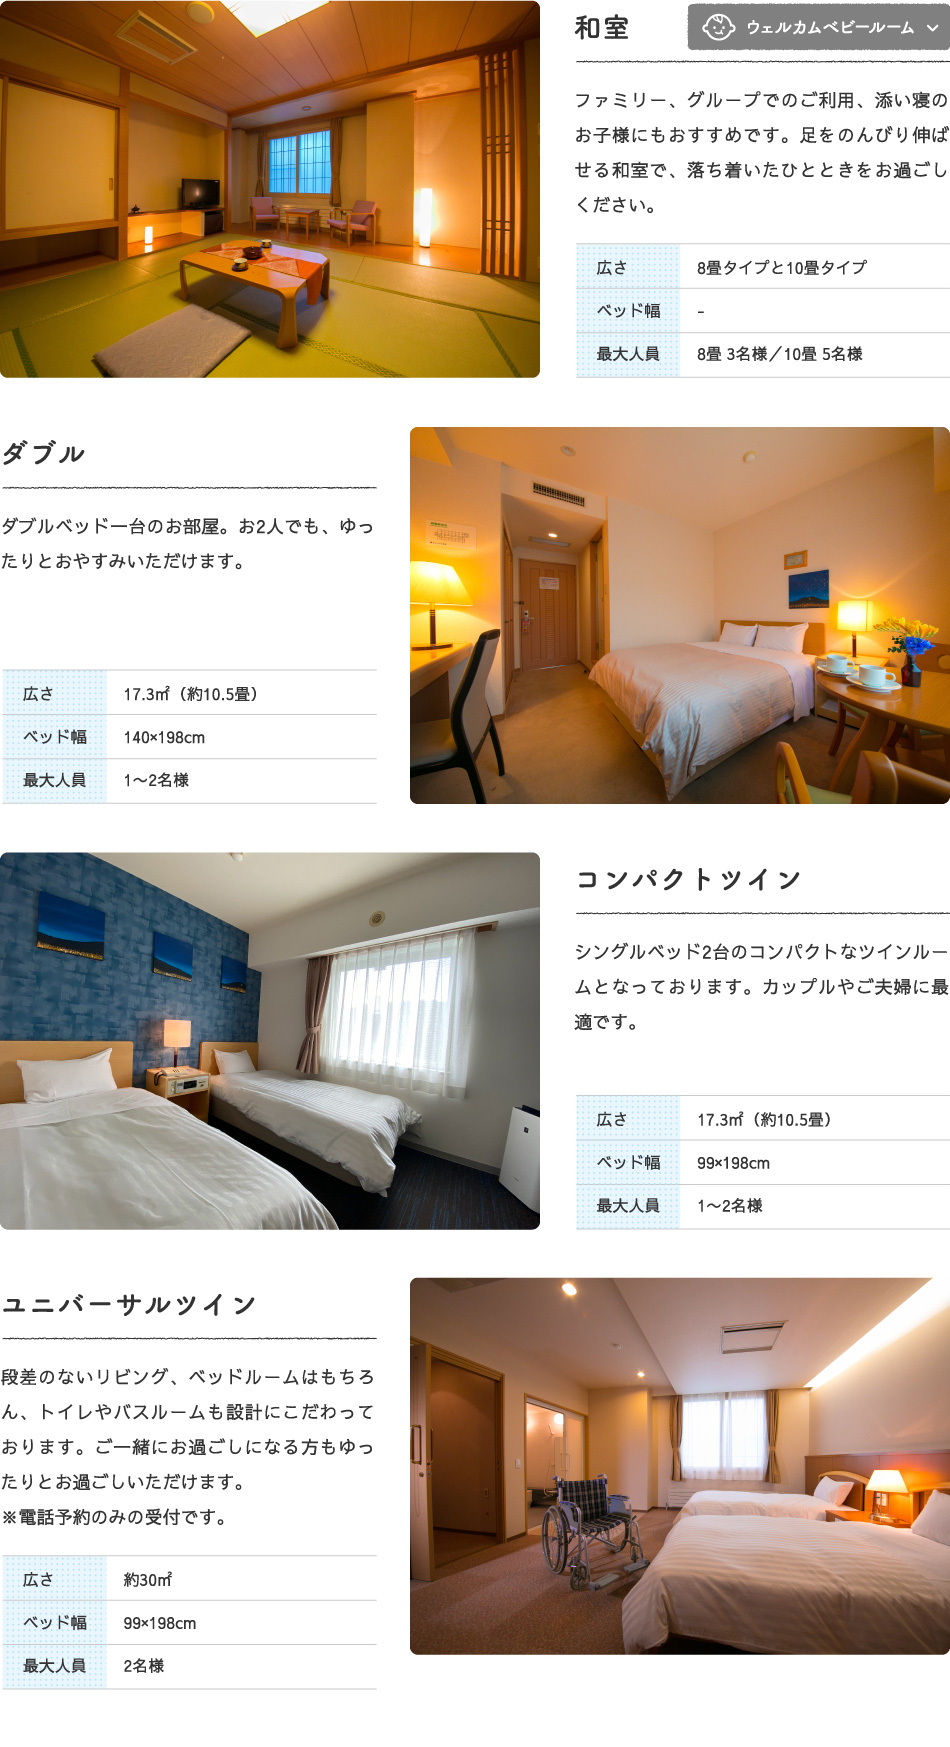 部屋タイプ:和室、ダブル、コンパクトツイン、ユニバーサルツイン